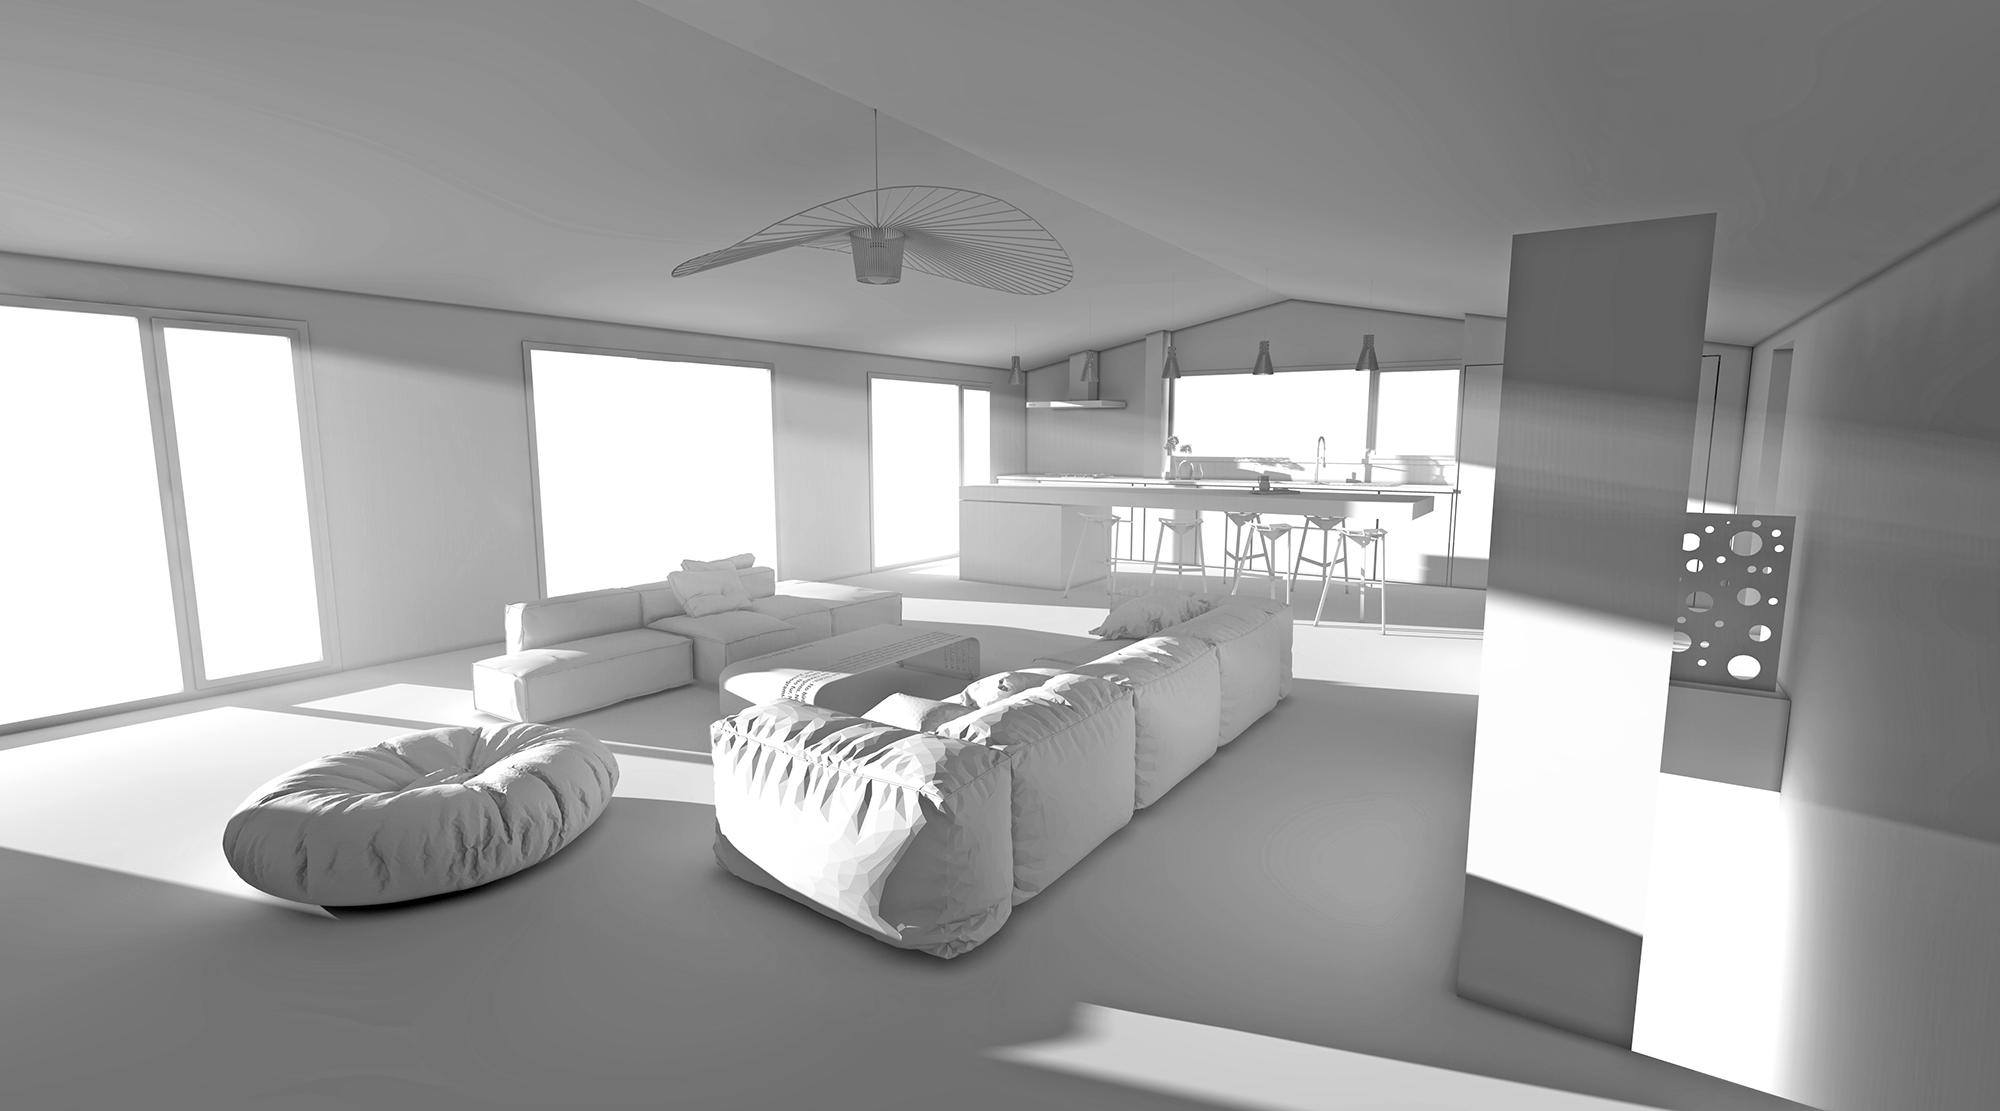 Chouette-architecture-Talant-Réhabilitation-maison-2000-2